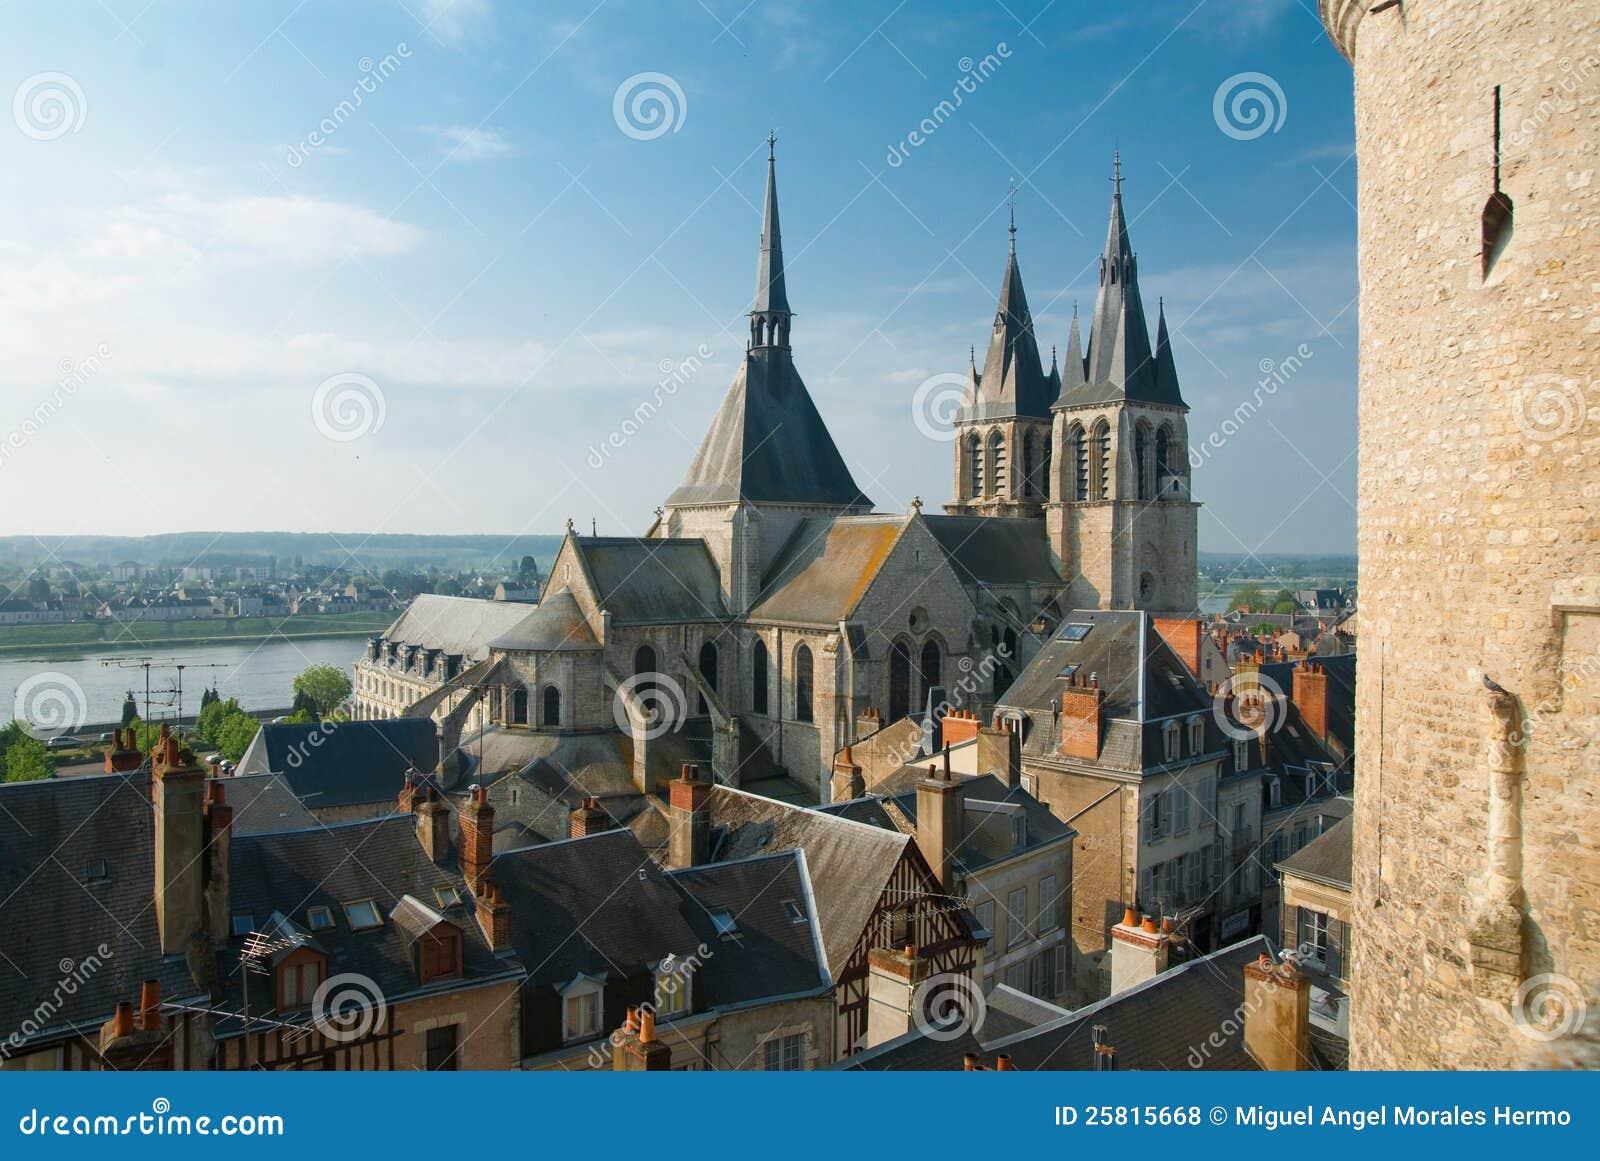 Blois city